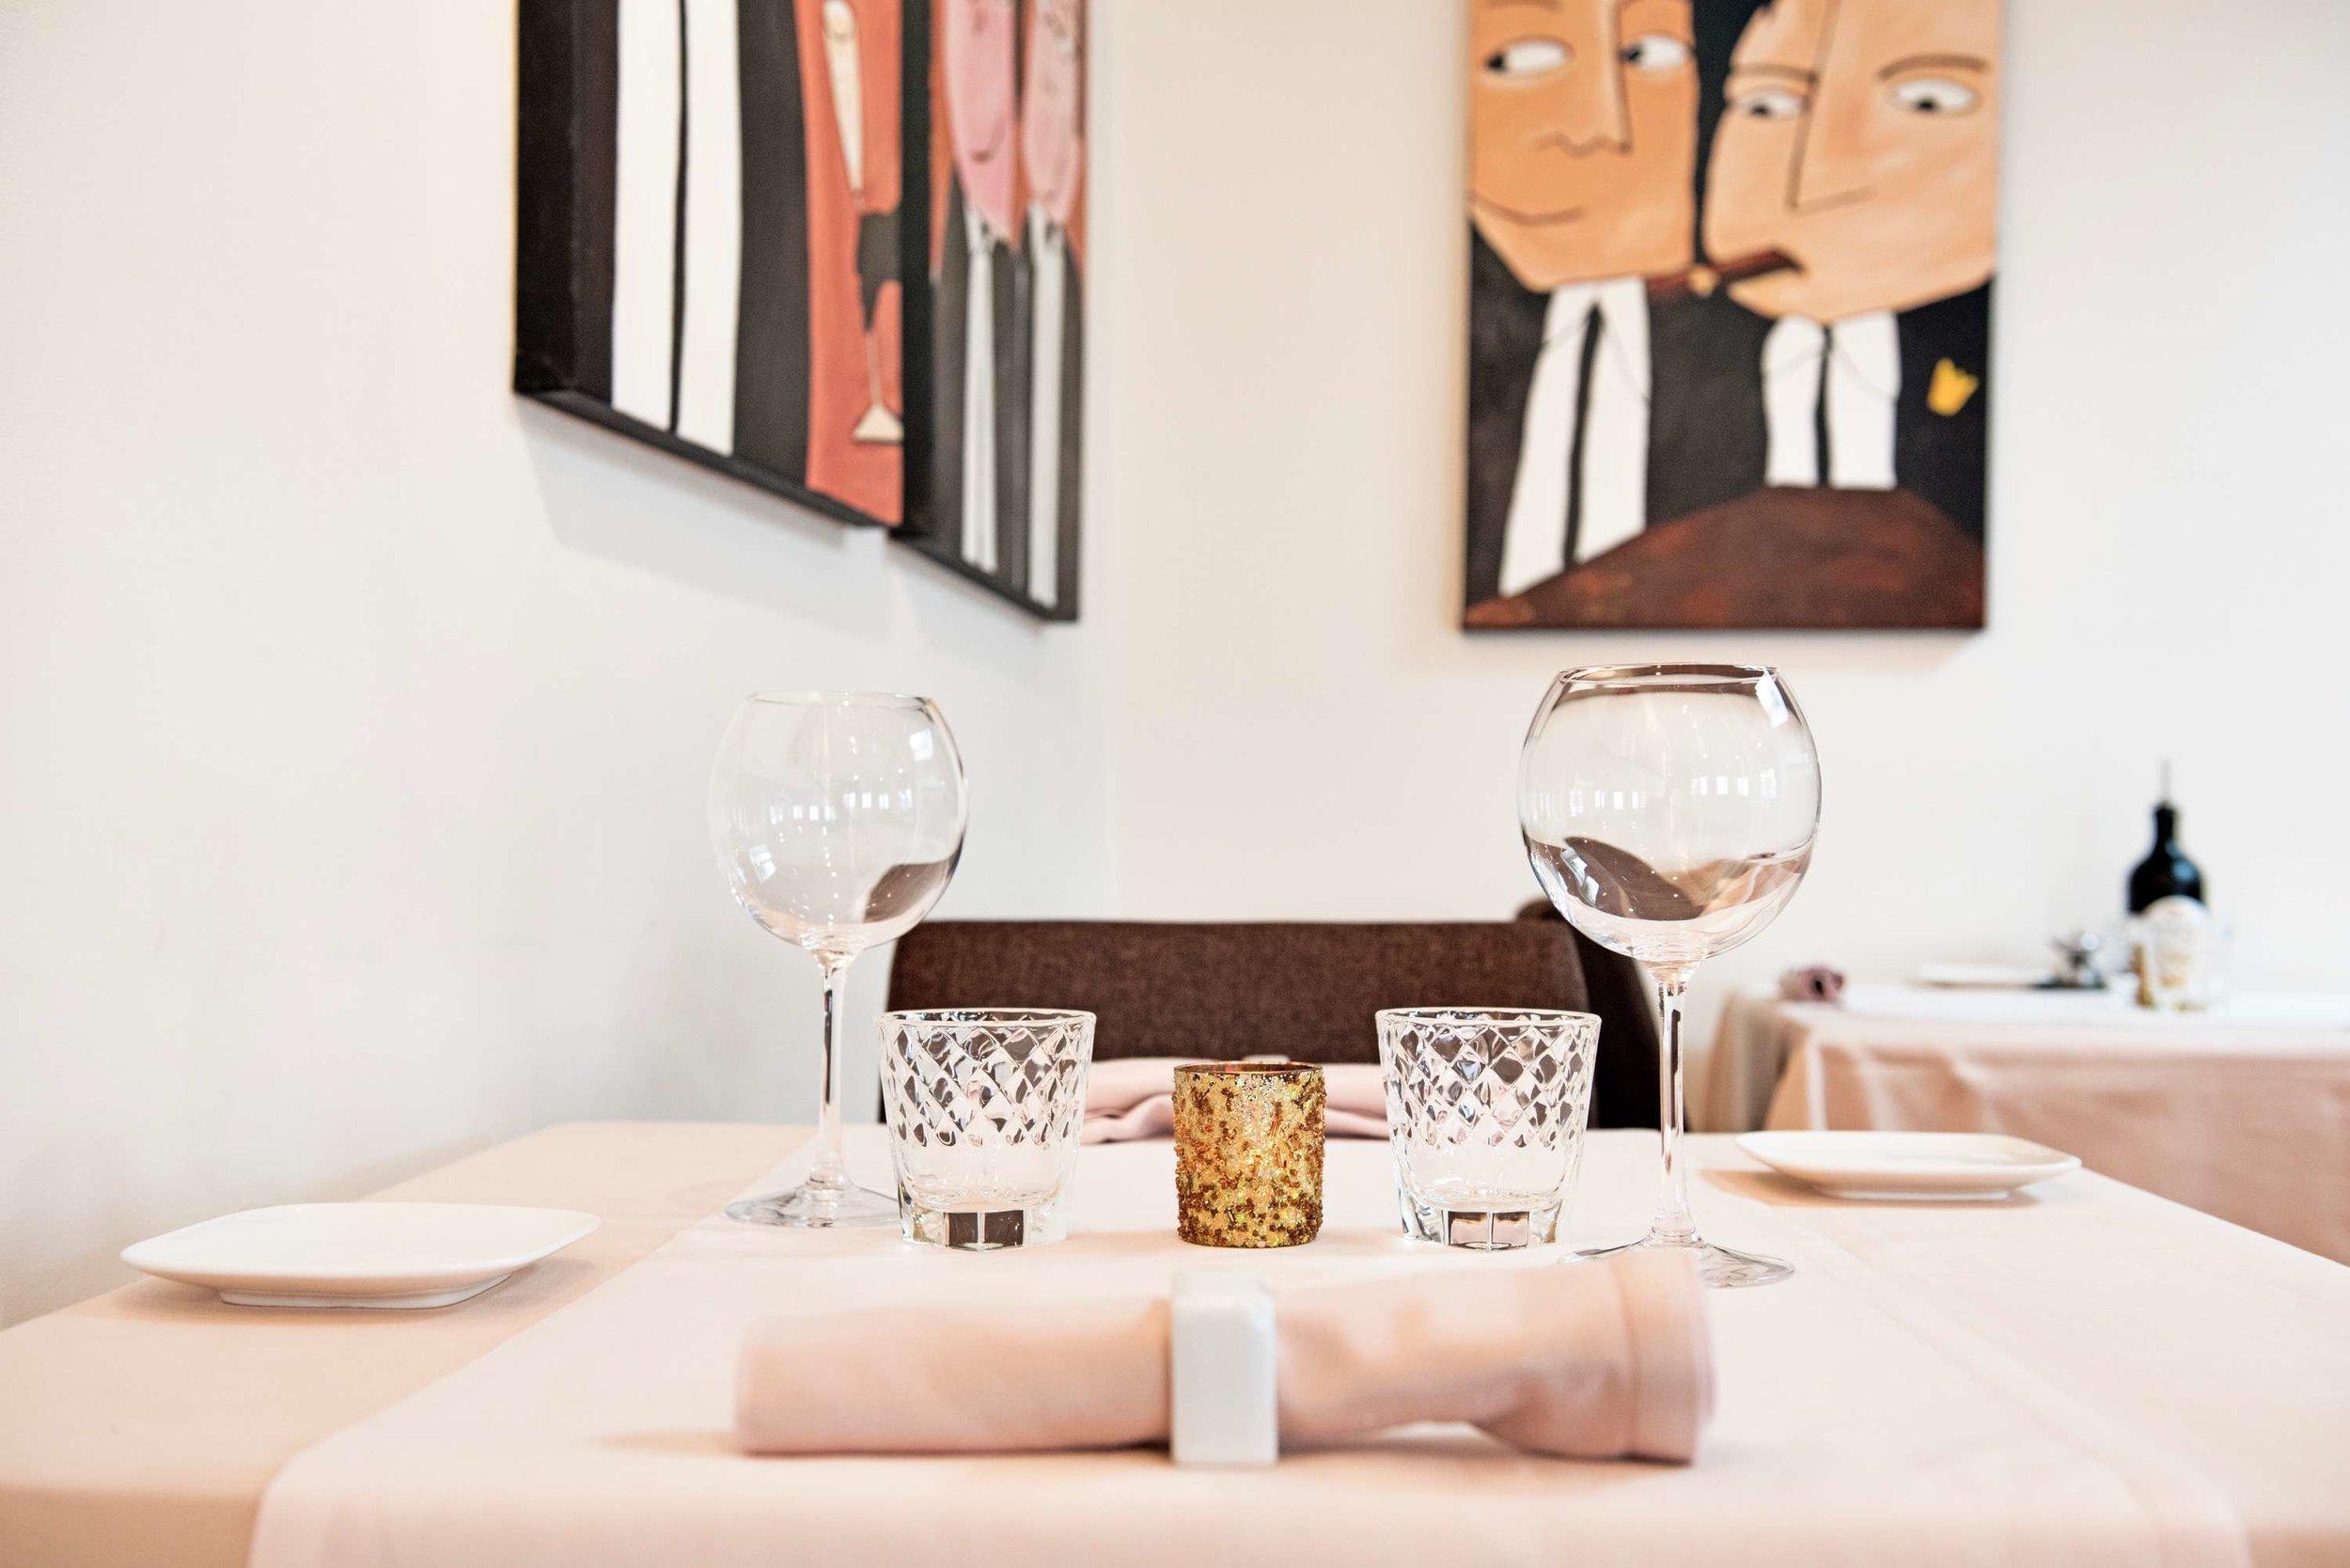 bouffard mol restaurant bart albrecht tablefever 3.jpg